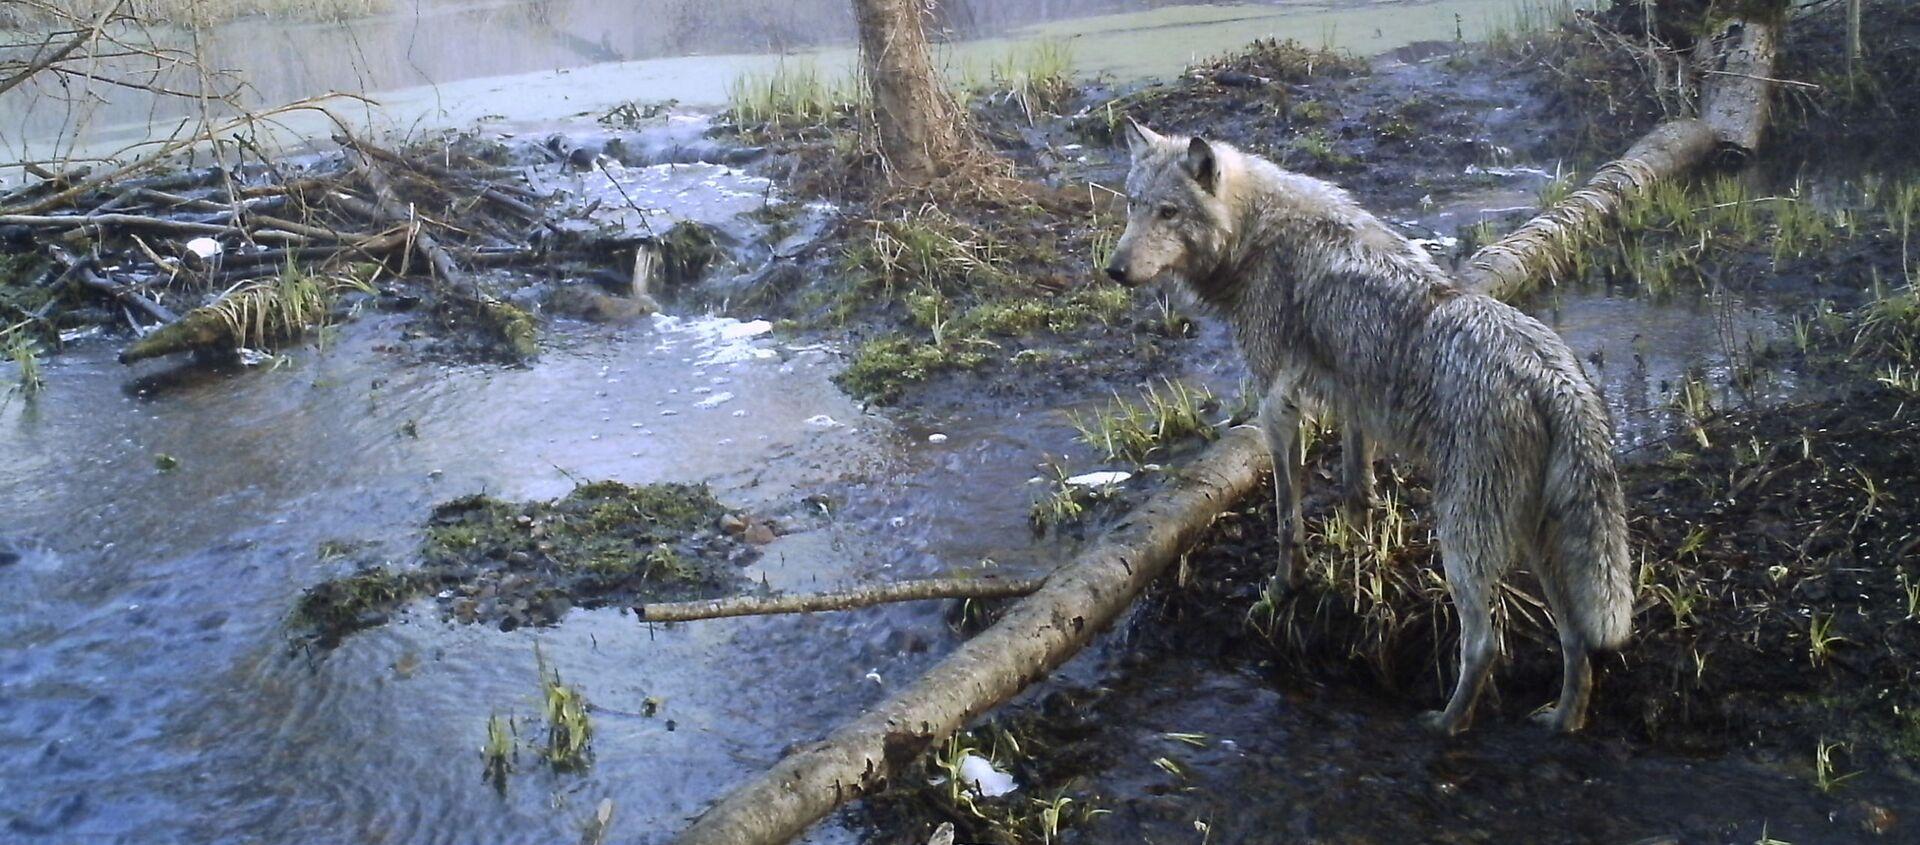 Волк в зоне Чернобыля - Sputnik Italia, 1920, 30.01.2021